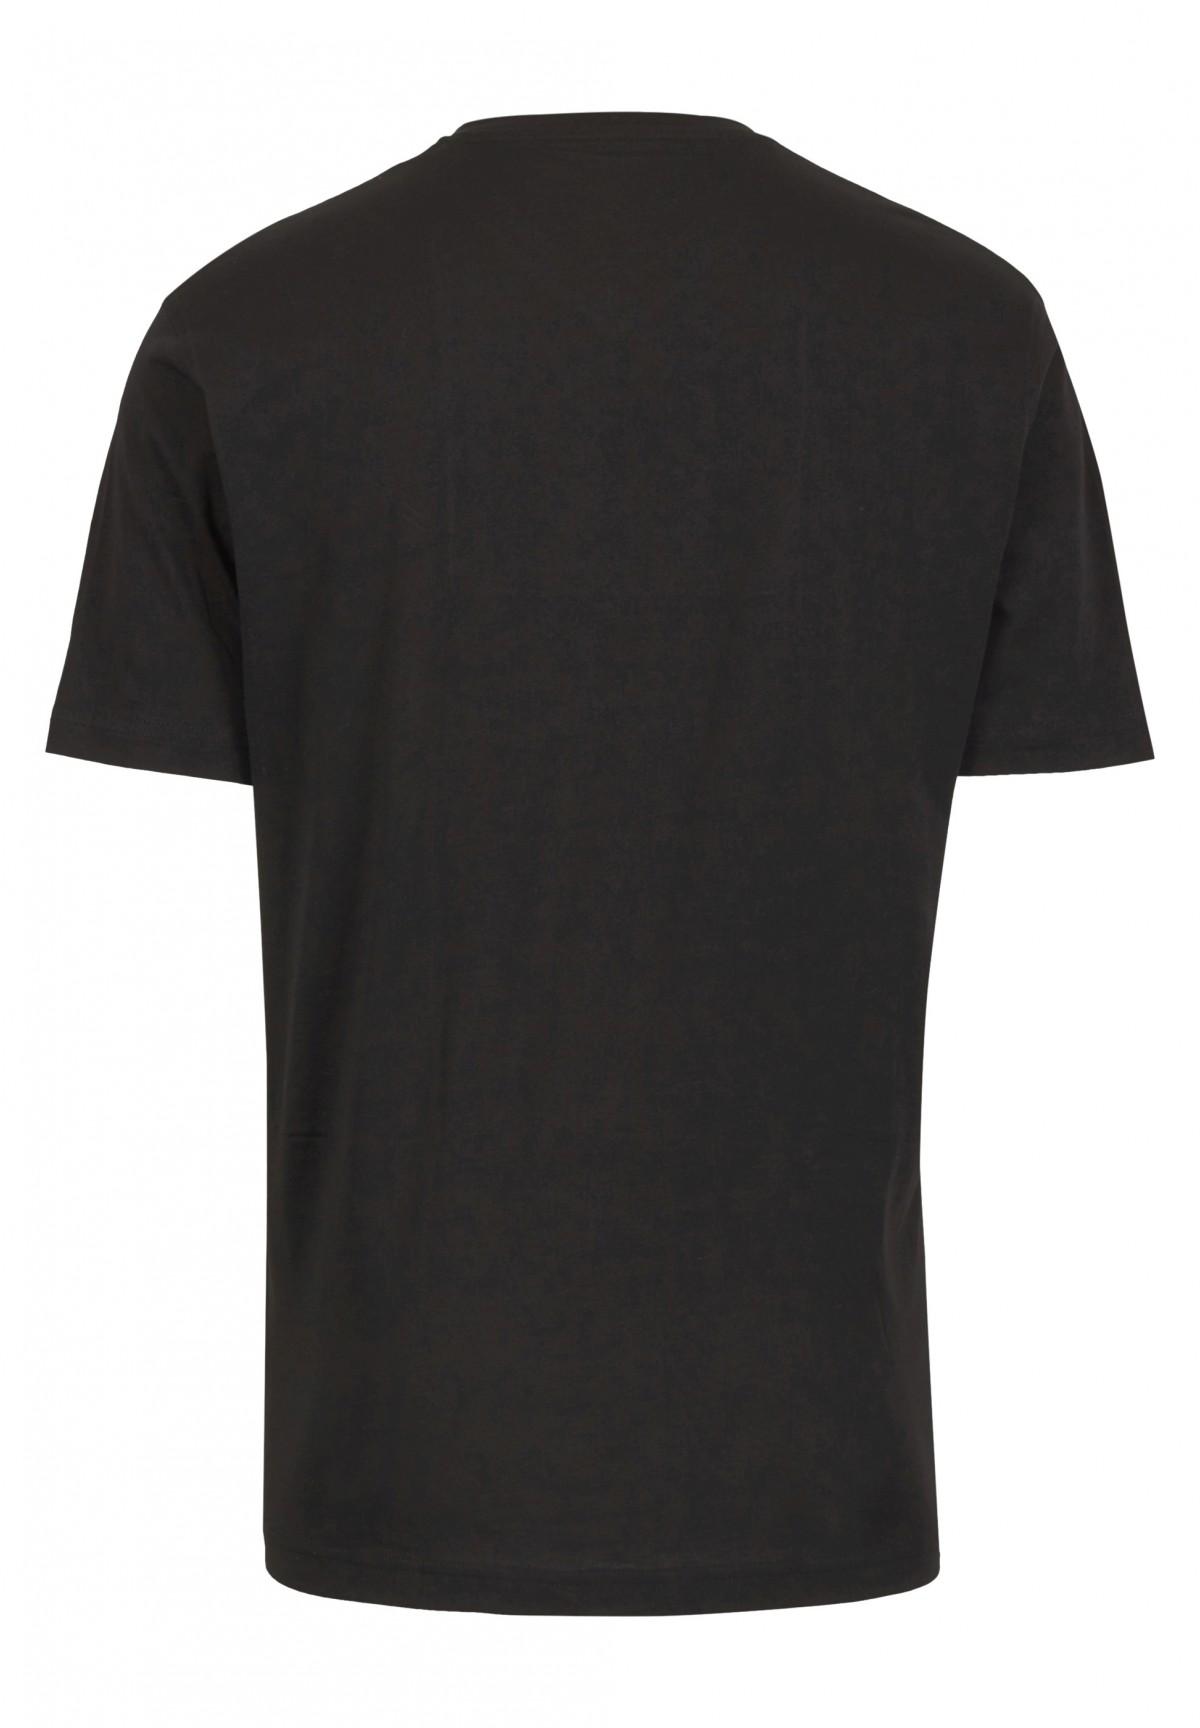 Doppelpack T-Shirt V-Ausschnitt Regular-fit / T-Shirt V-Ausschnitt Regular-fit